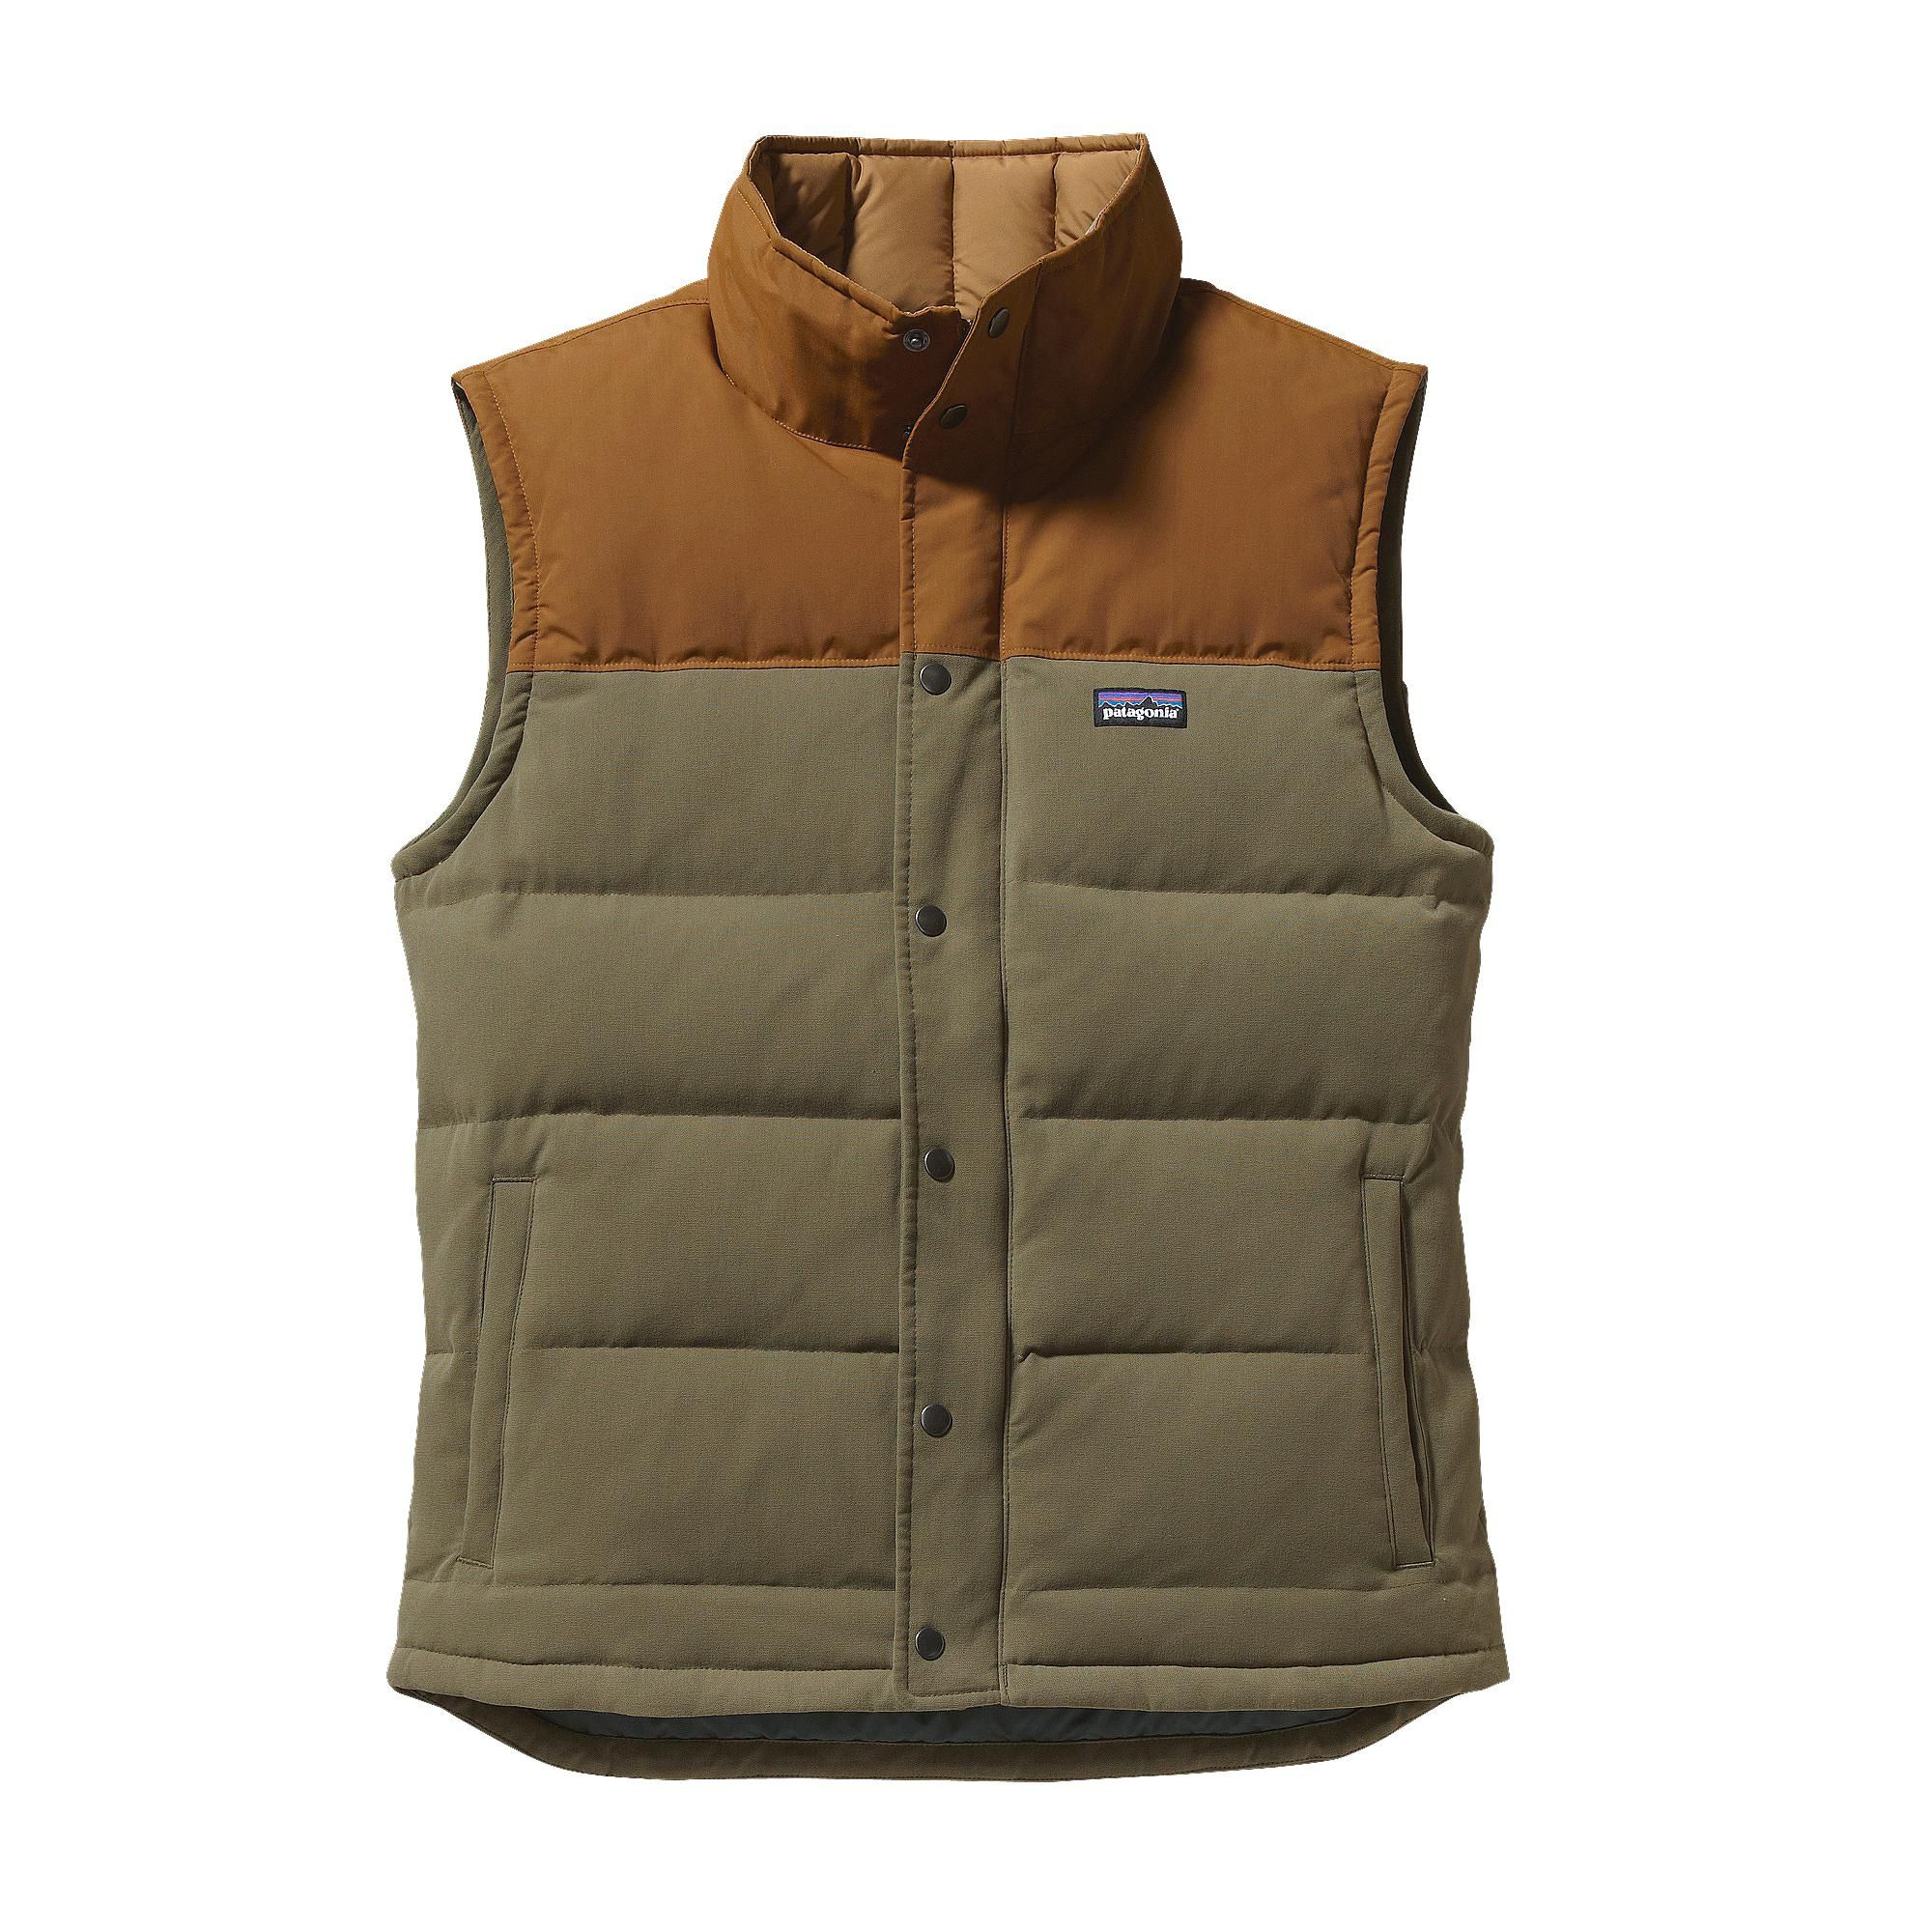 Patagonia Men's Bivy Down Vest.